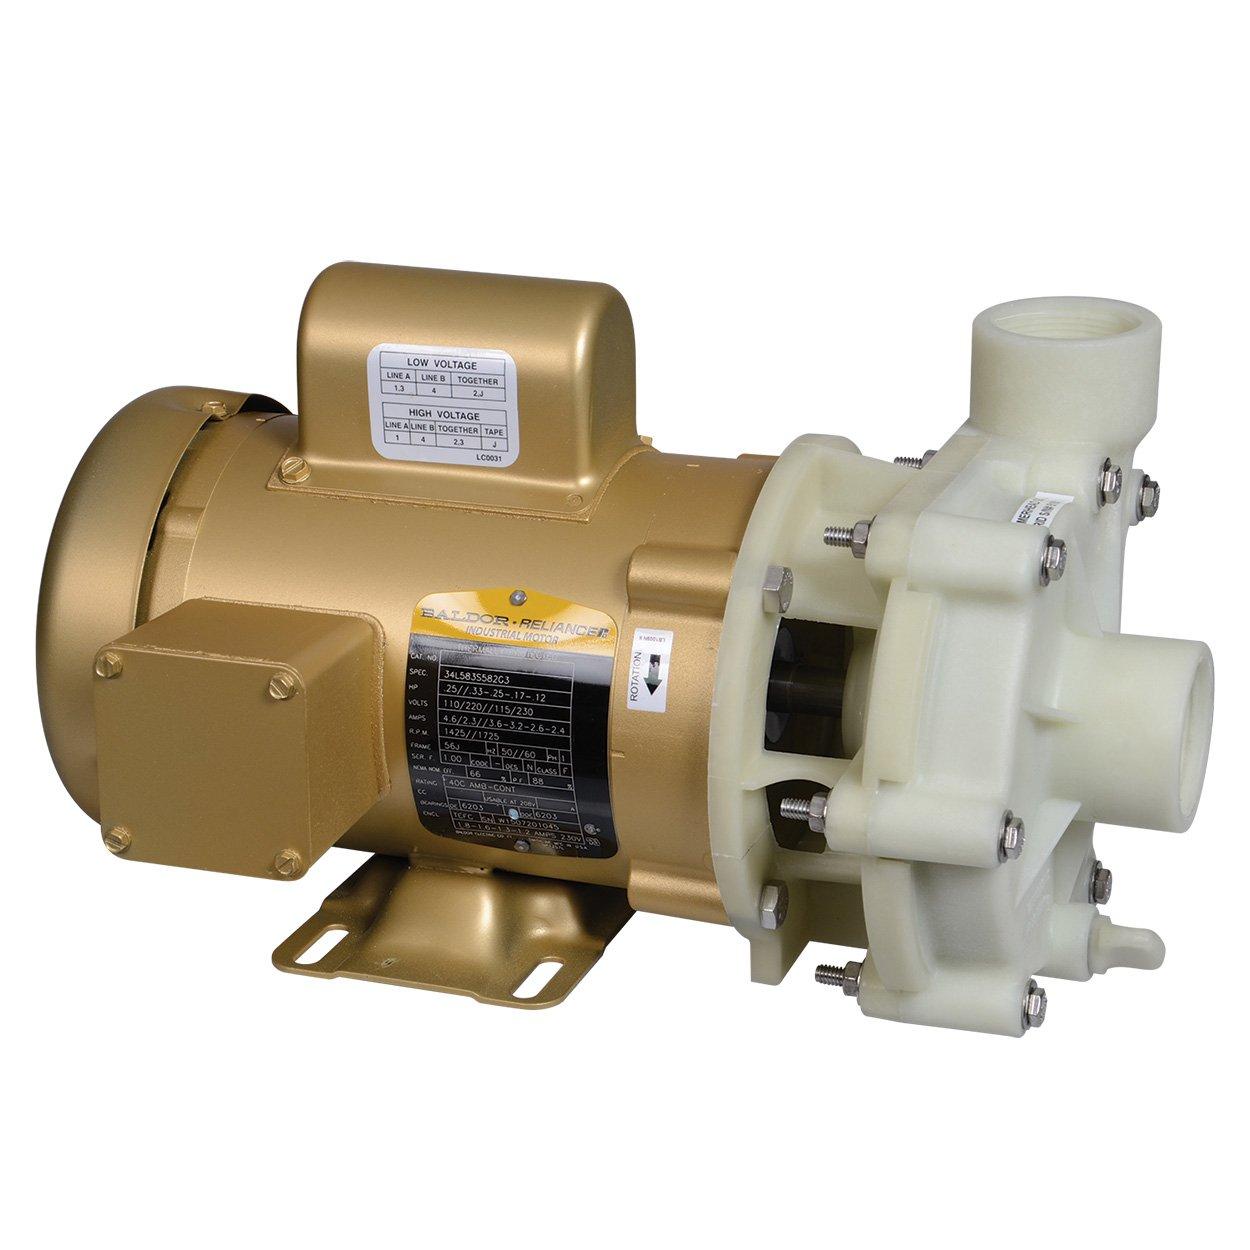 ReeFlo 11144 Utility Gold Hammerhead/Barracuda Hybrid Pump